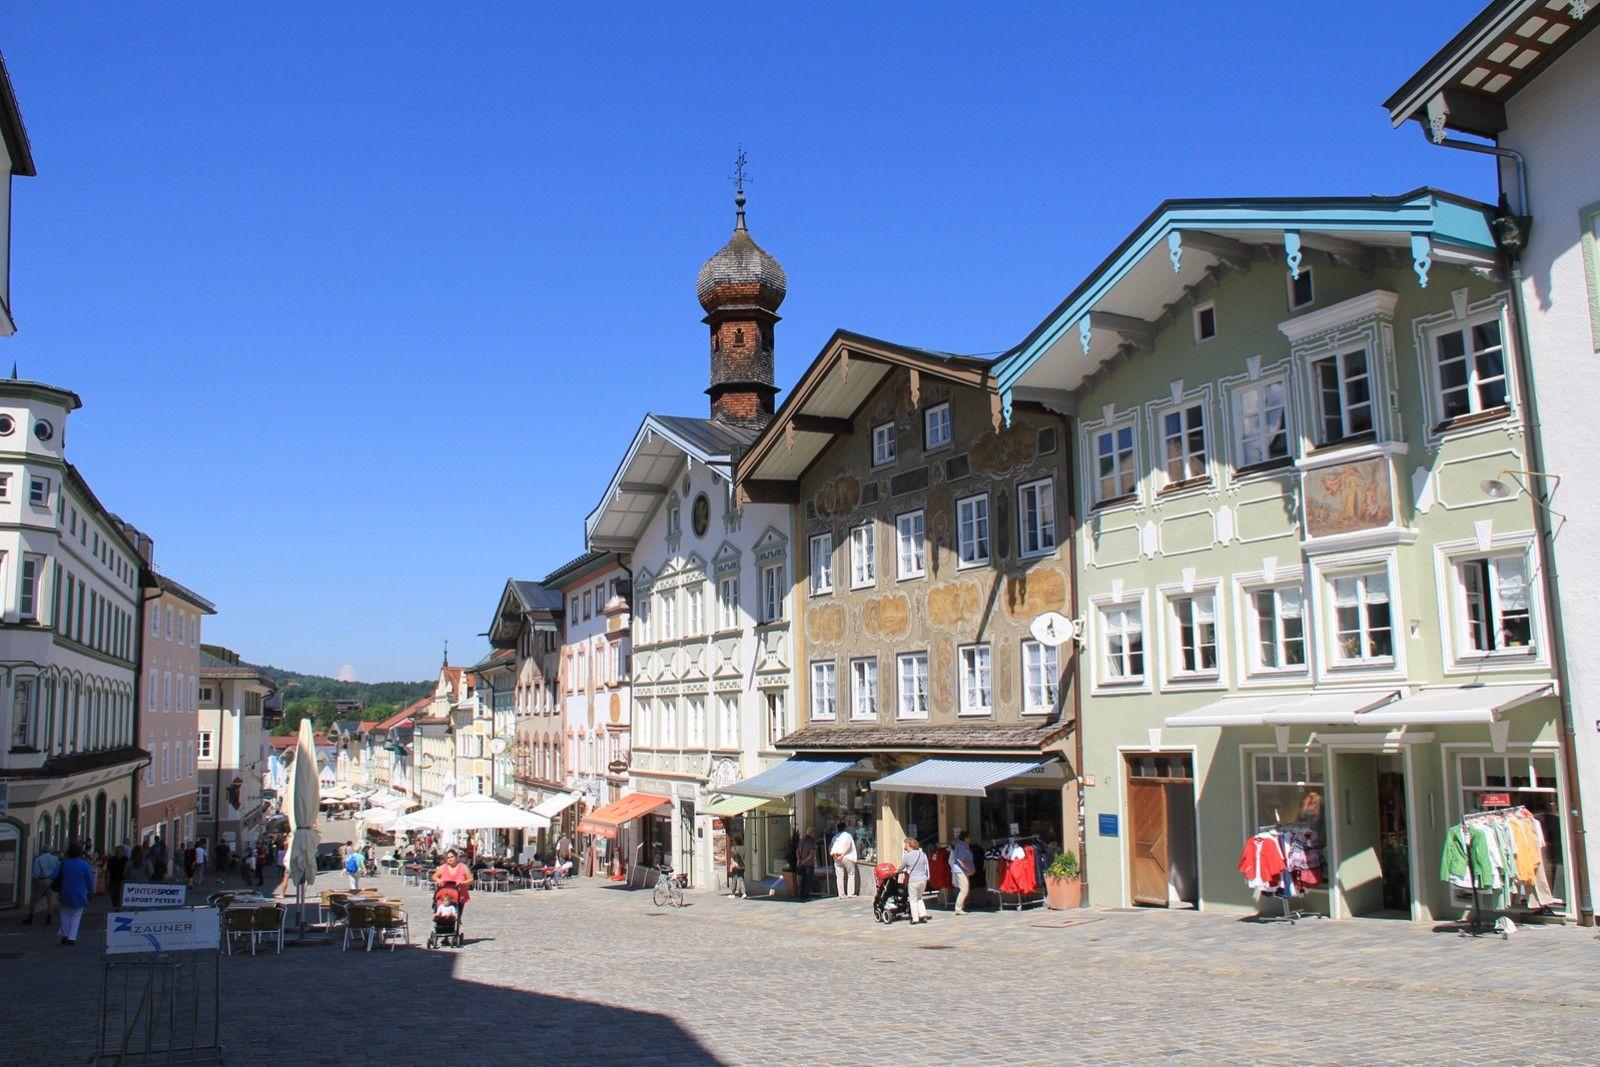 Gestern, nach einer gewittrigen Woche, schon der zweite Tag mit Sonnenschein und angenehmen Temperaturen. Mit der  Bayerischen Oberlandbahn...